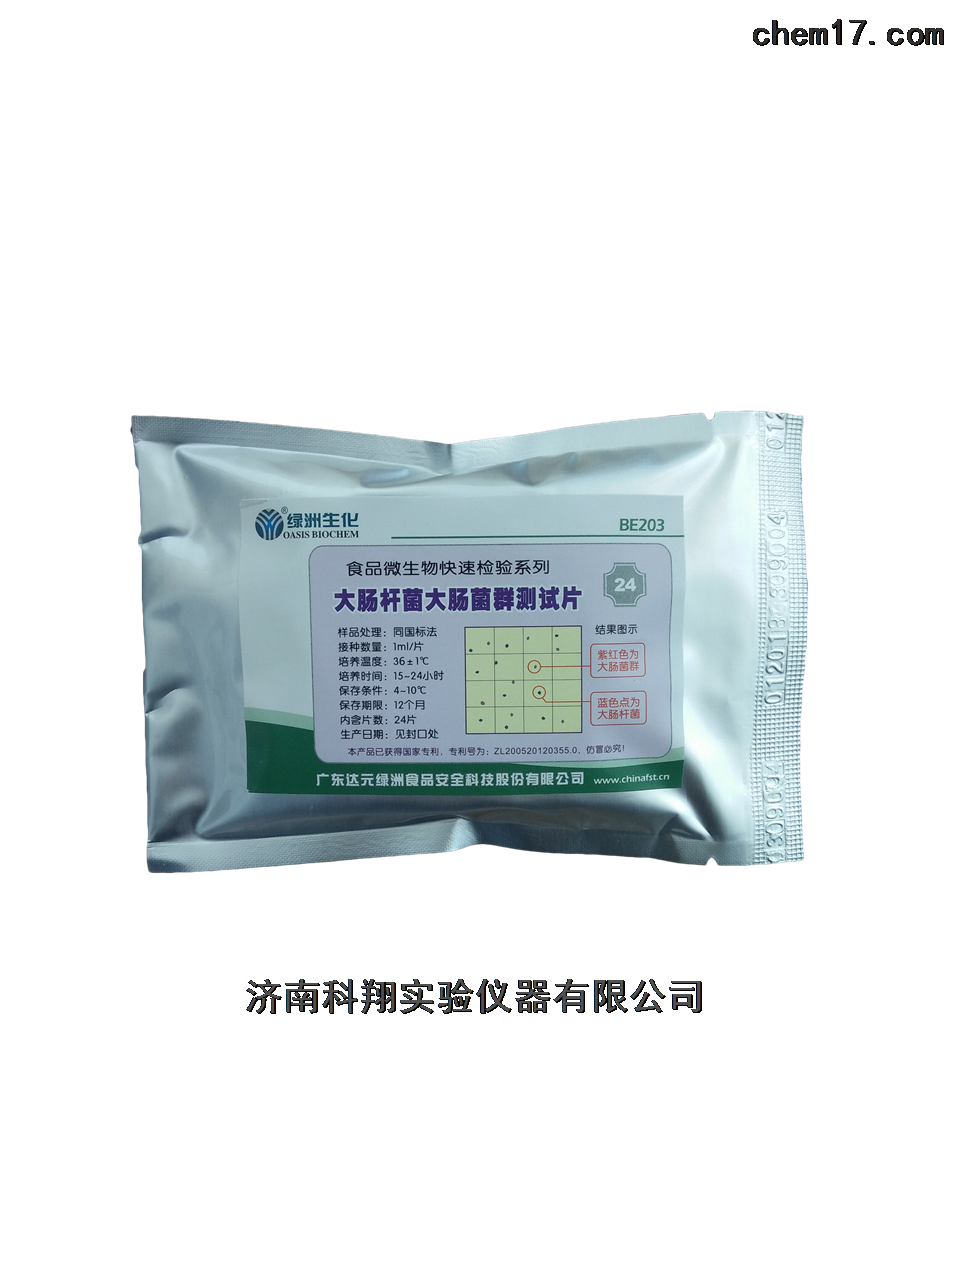 绿洲生化大肠杆菌大肠菌群测试片